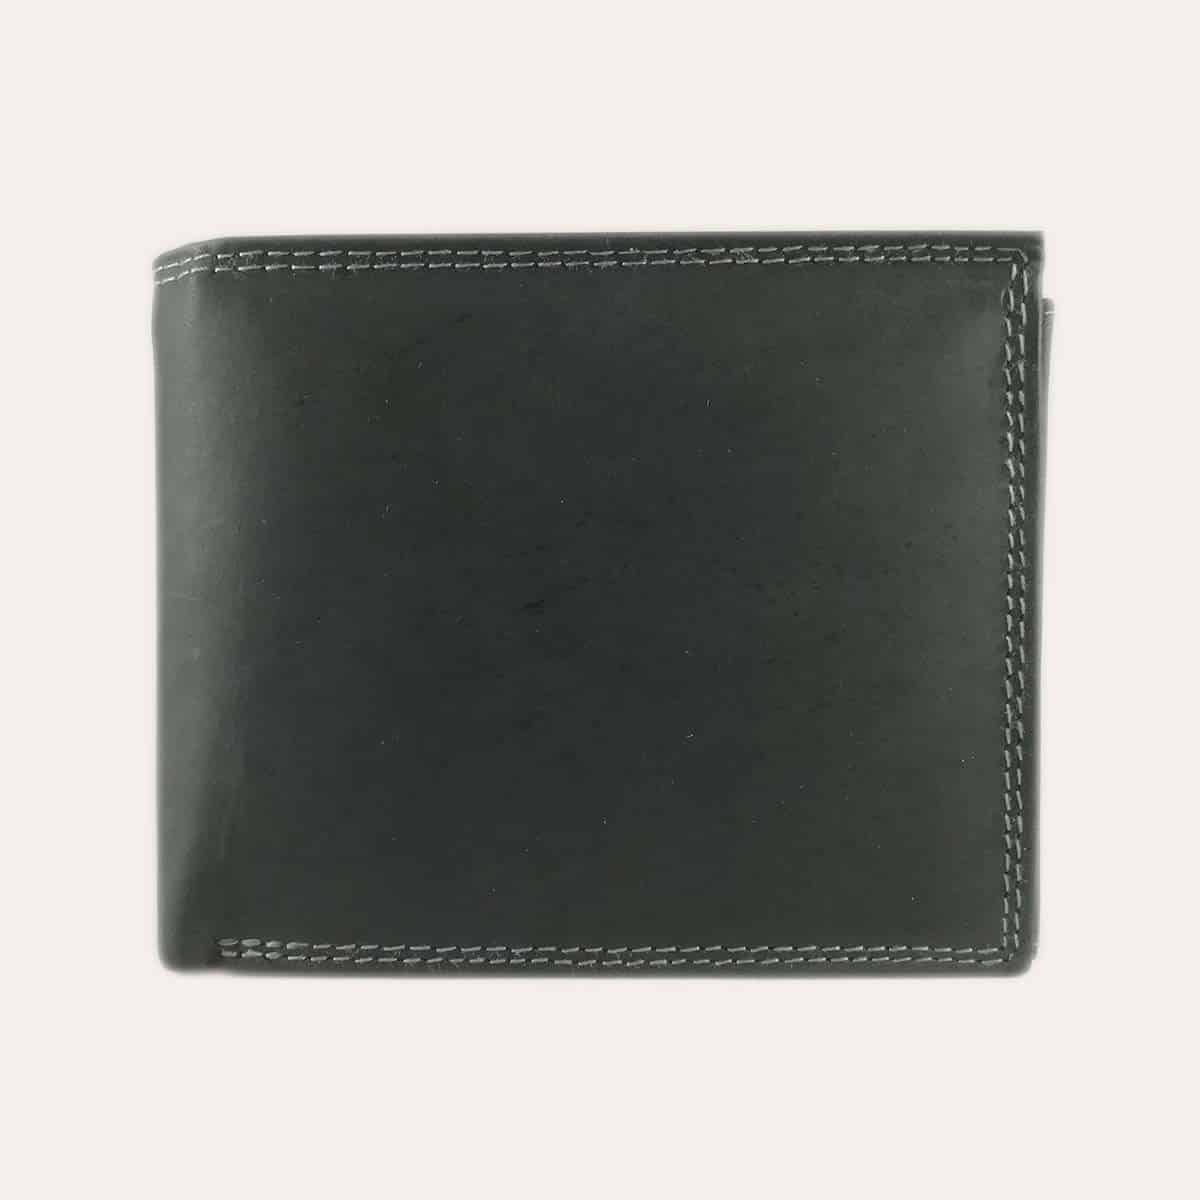 Pánská nubuk peněženka Kochmanski černá s RFID